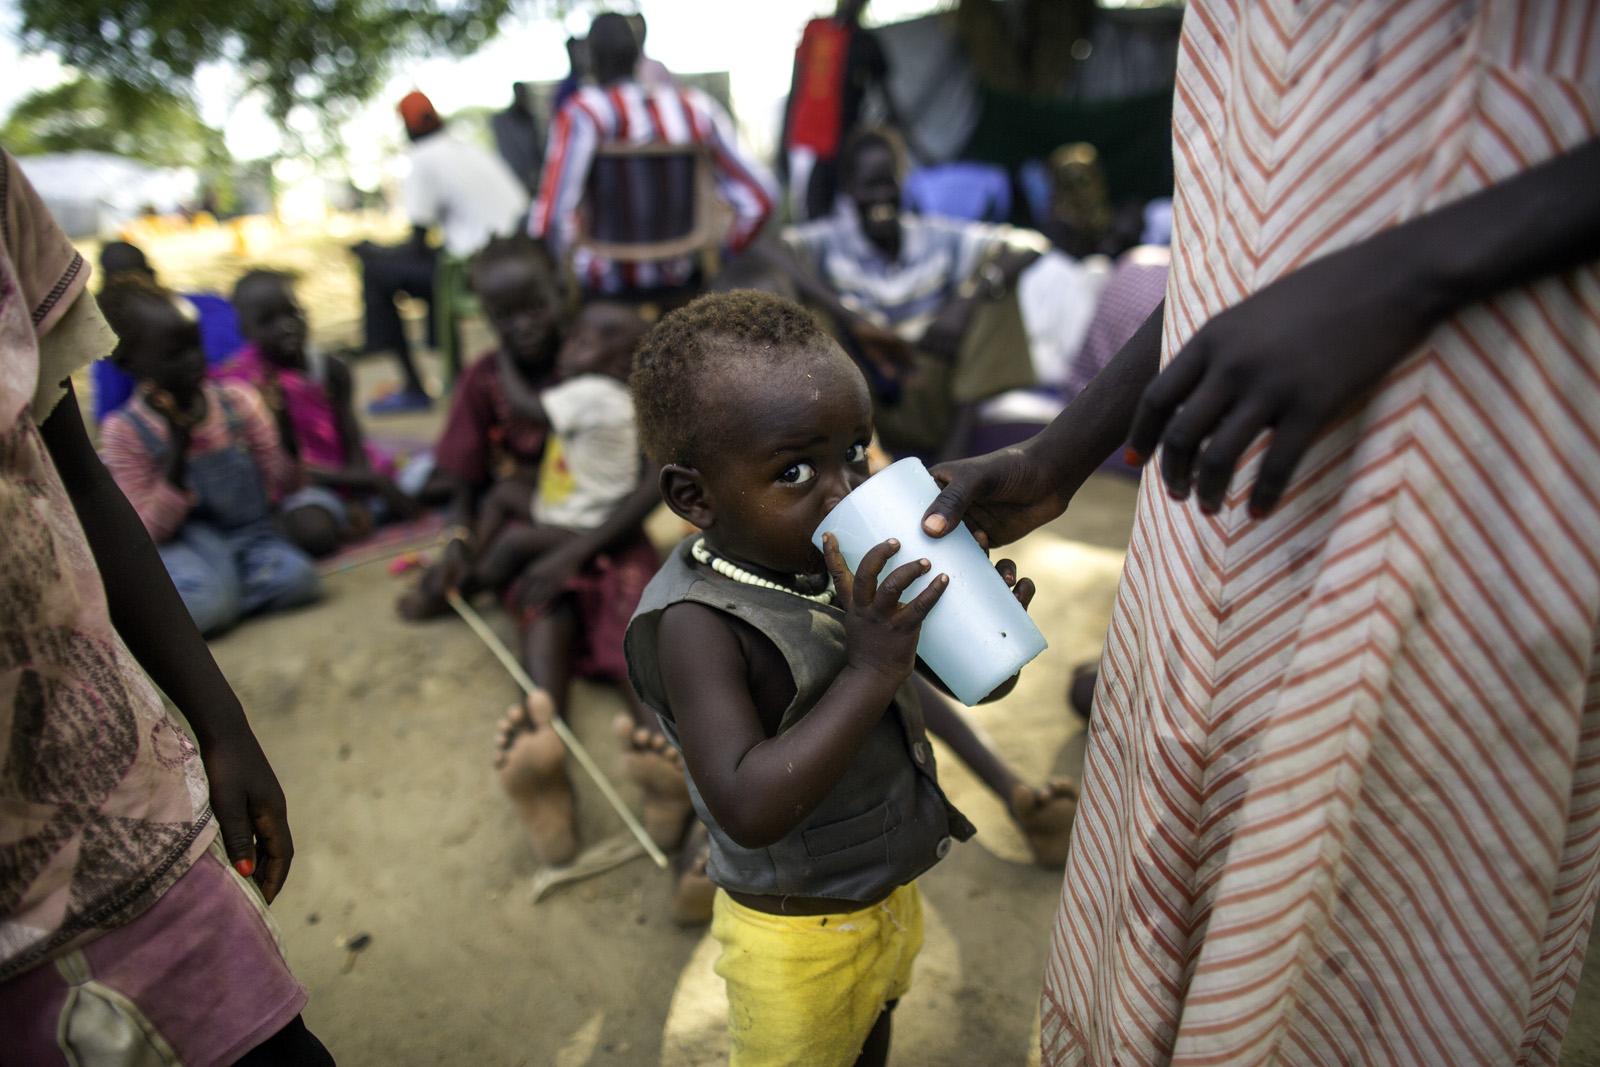 為了逃避戰火,逾百萬南蘇丹人被迫離開家園,棲身於國內外多個營地。除了面對營養不良的問題,衛生環境亦很惡劣。樂施會除了為災民提供糧食及潔淨食水之外,亦興建供水系統及廁所,以防當地爆發疫情,釀成更大的災難。(Kieran Doherty/Oxfam)